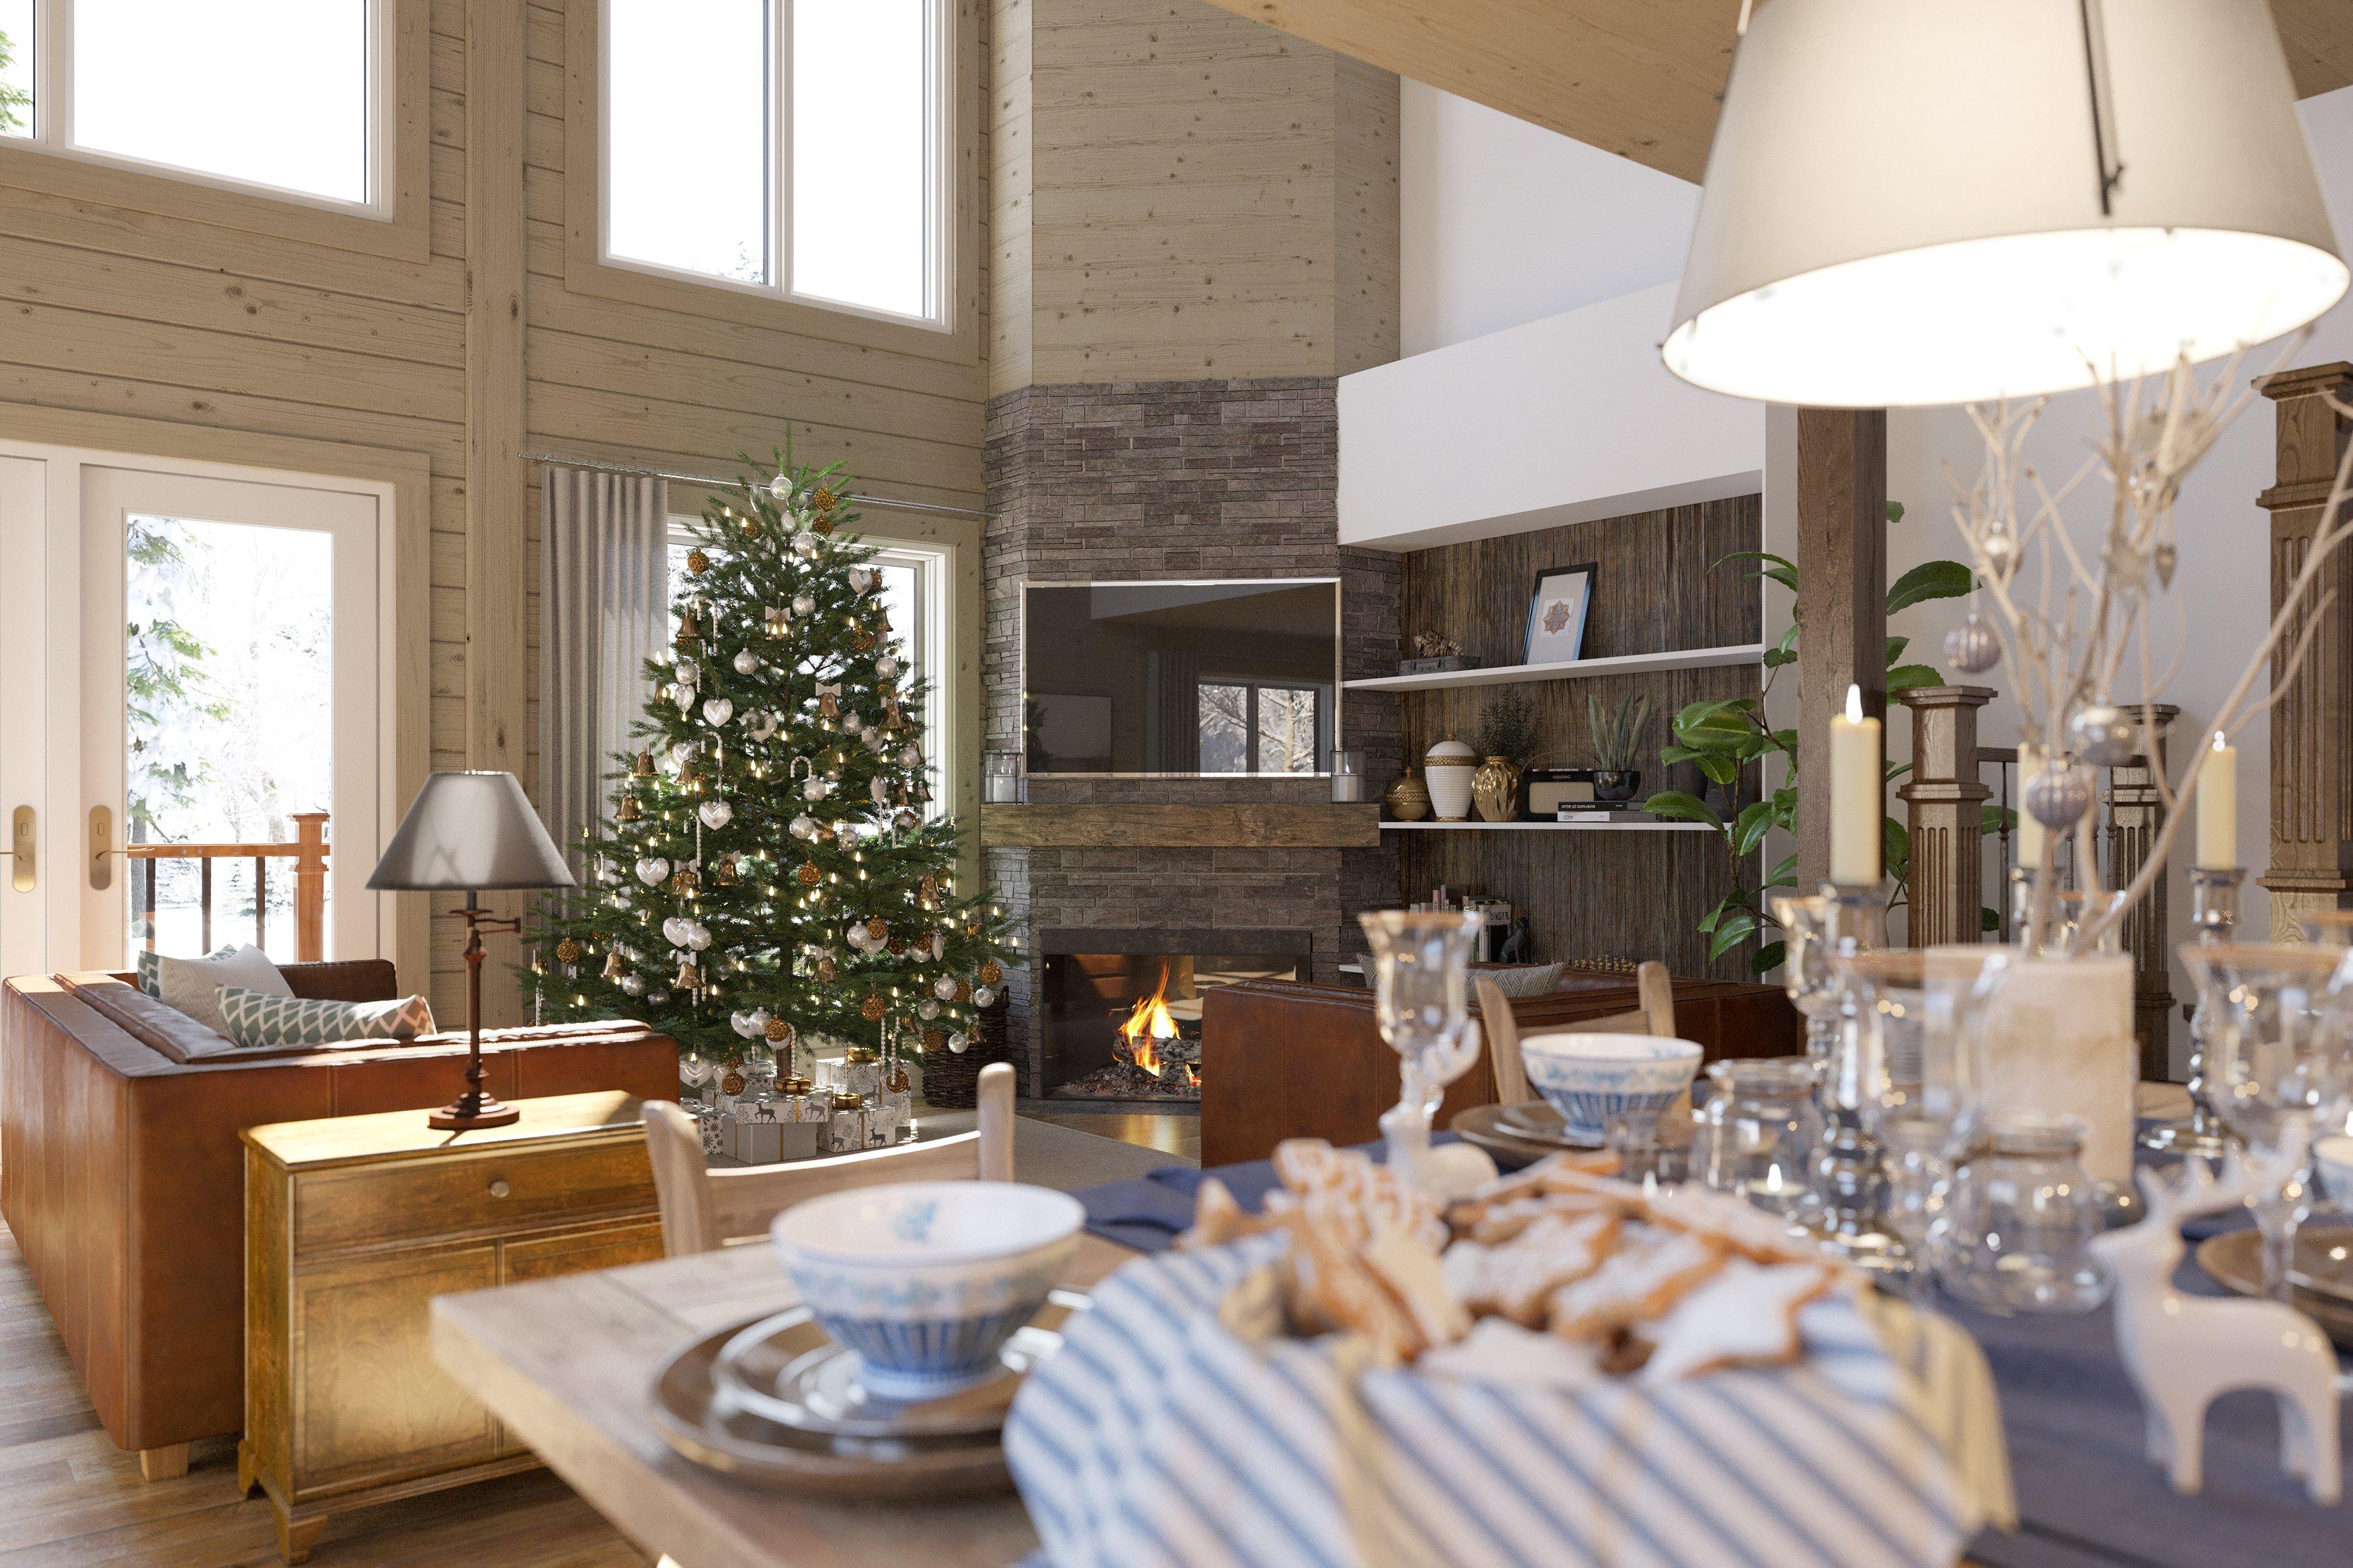 Colorado_ChristmasTable2_3K-1